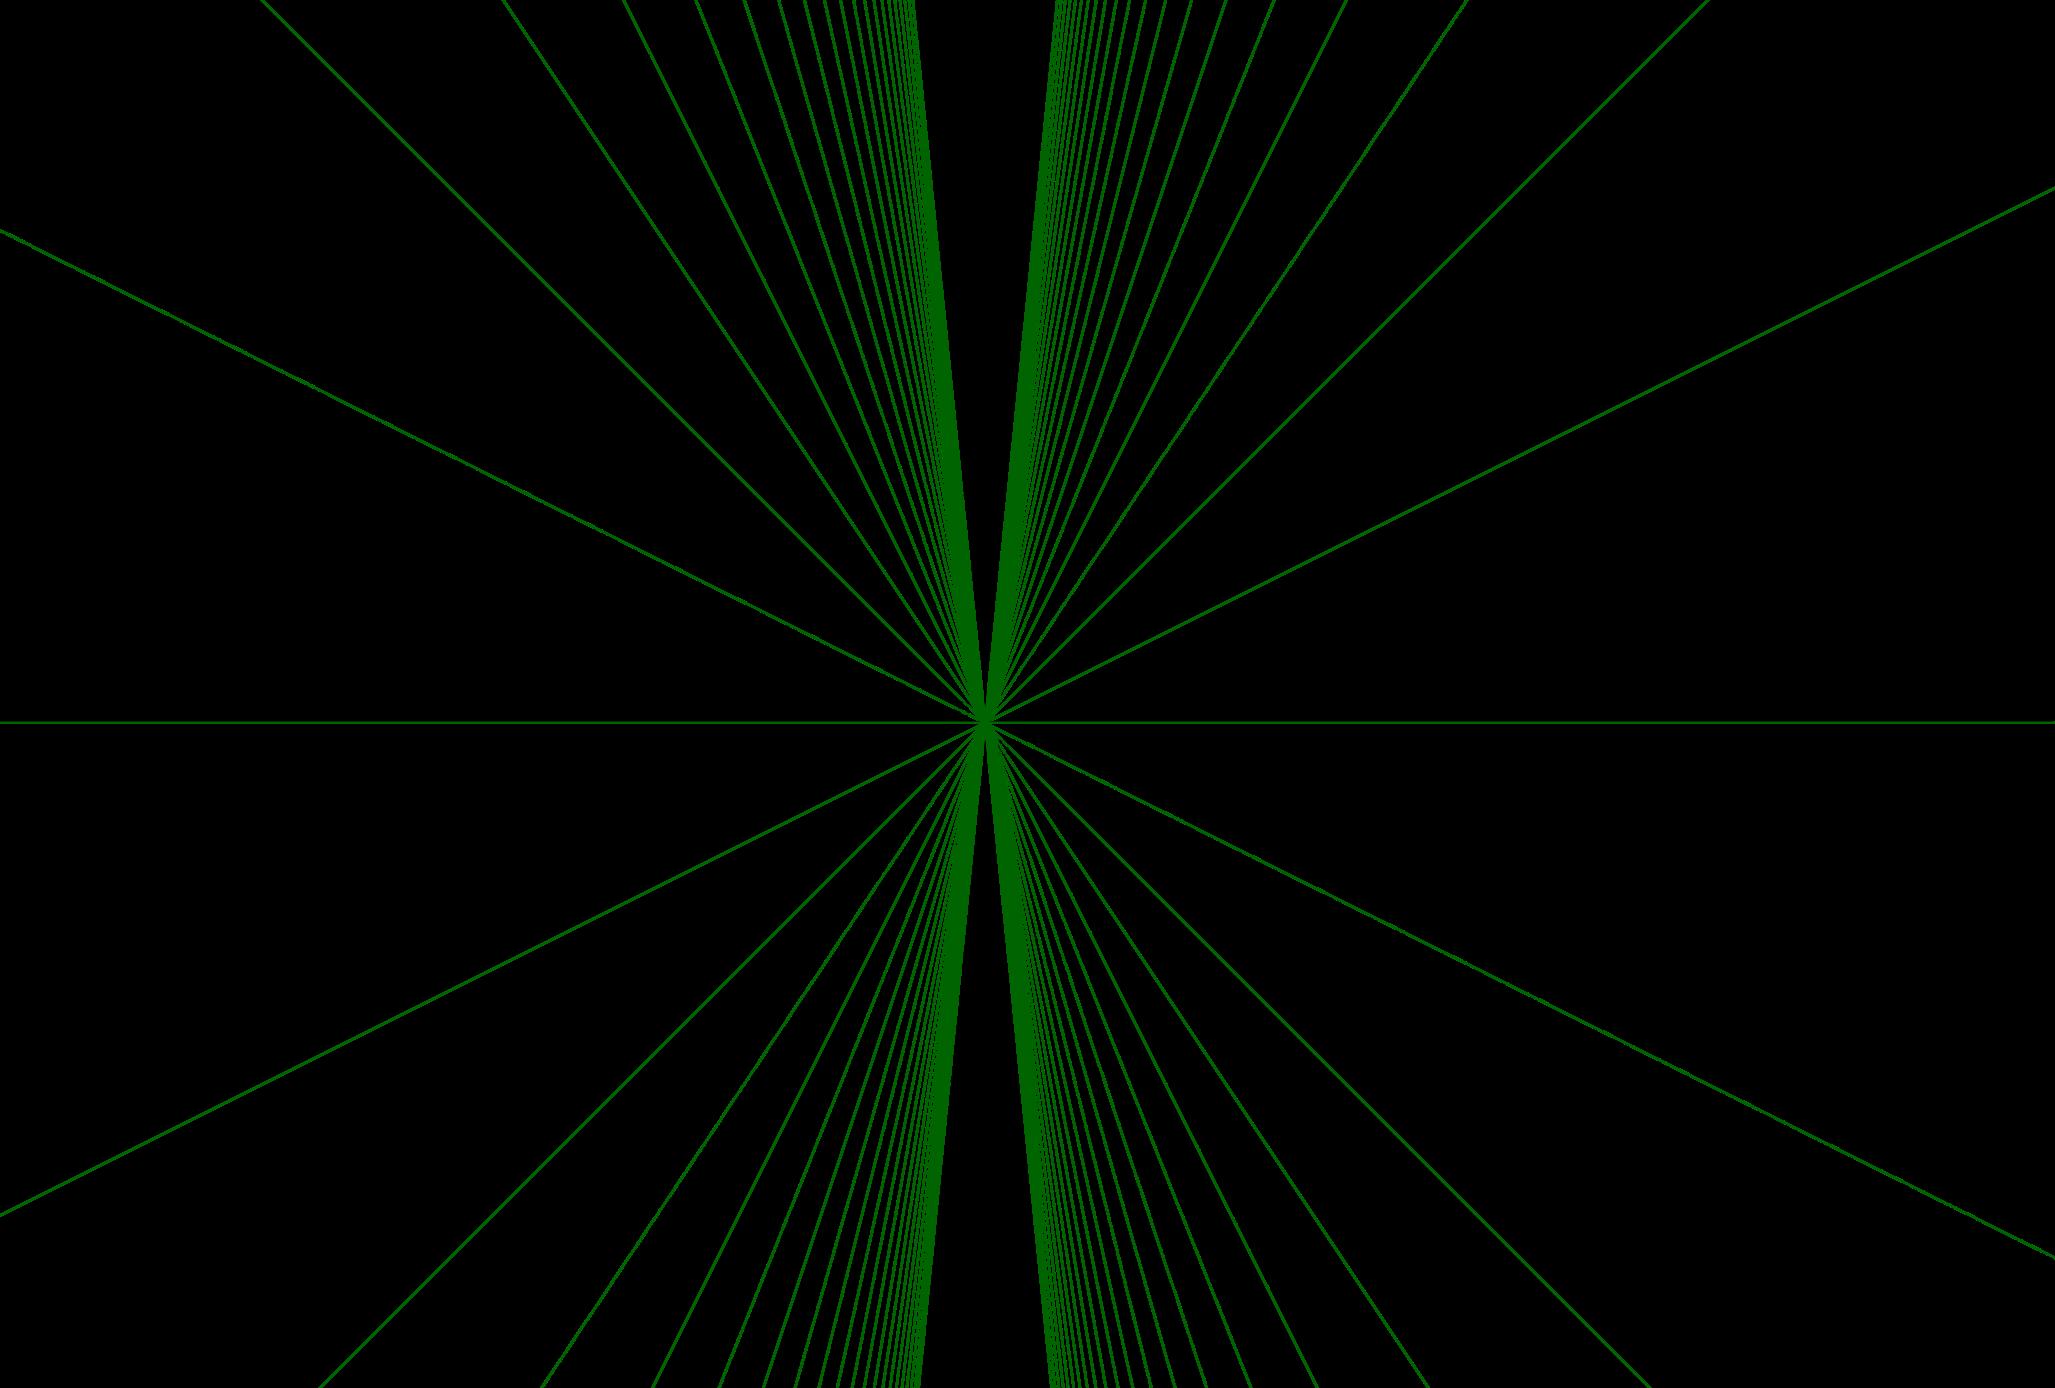 how to make beseau curves on geogebra